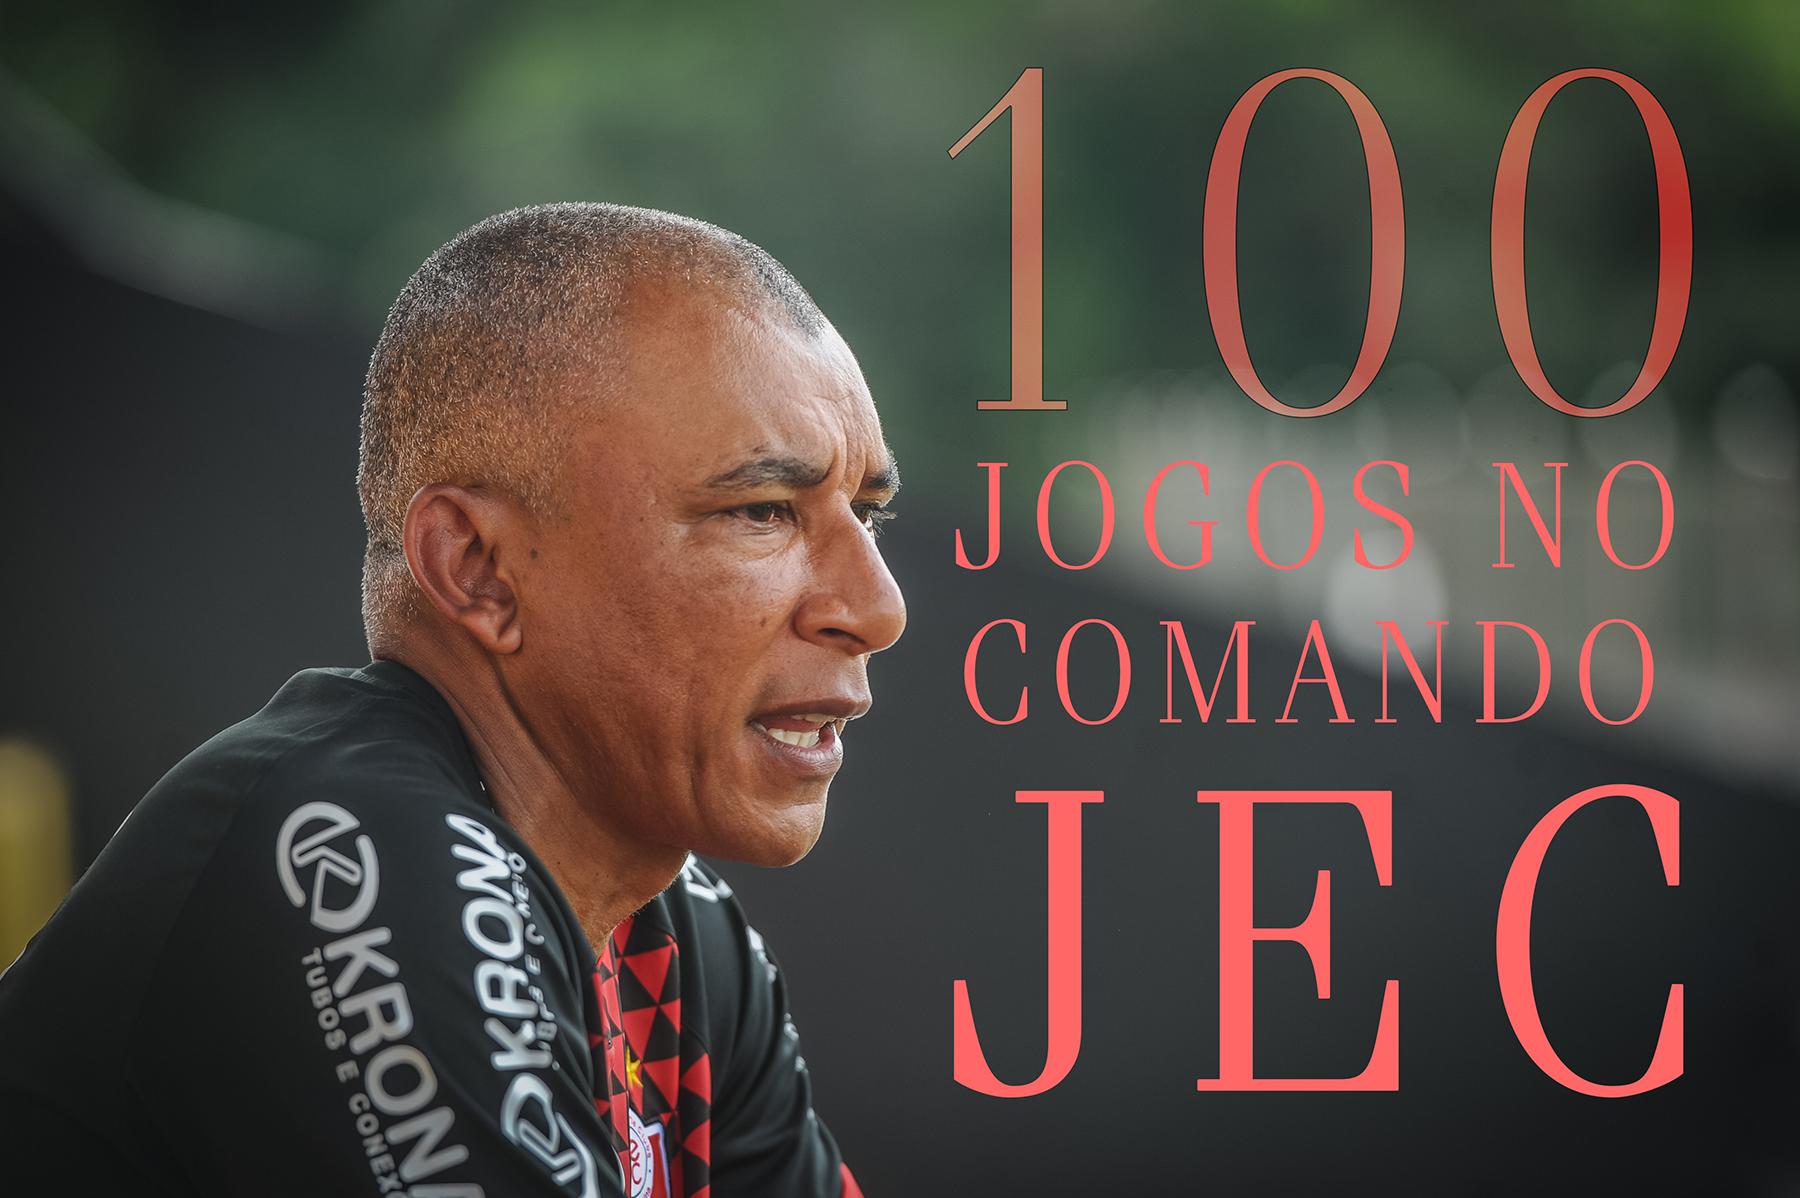 Hemerson Maria fala sobre os 100 jogos no comando do JEC